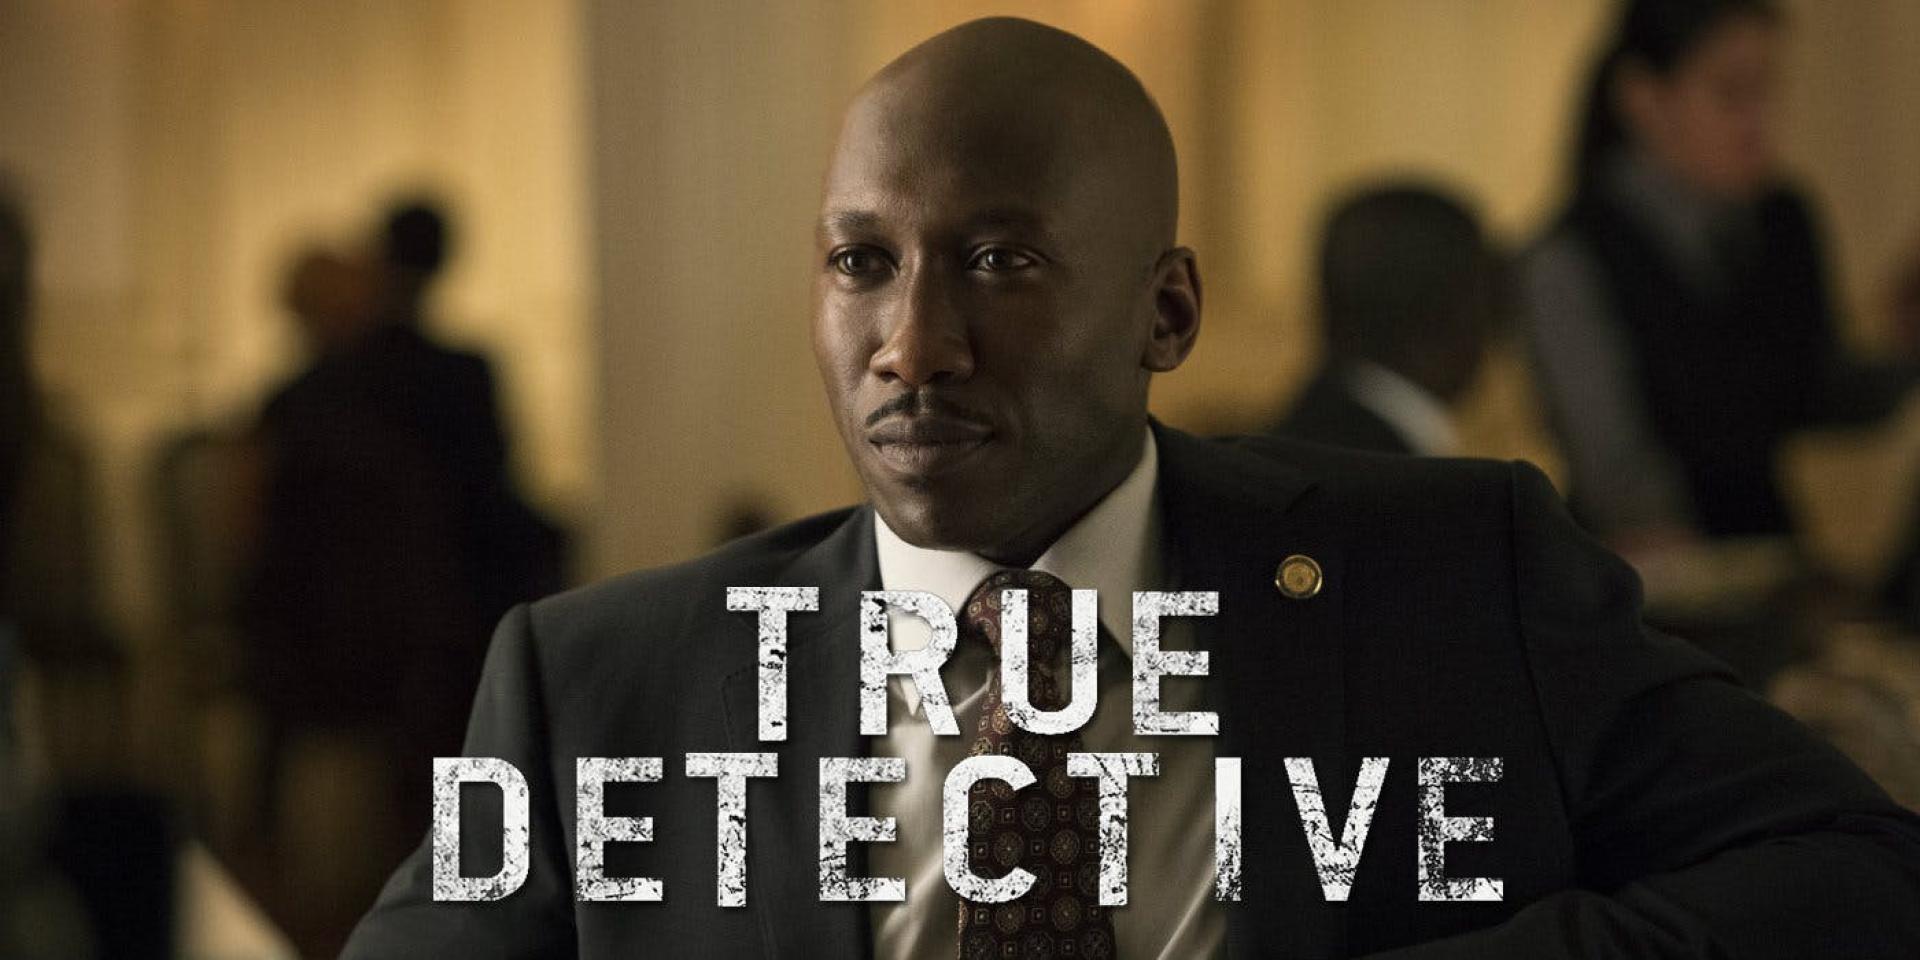 Megérkezett a True Detective harmadik évadának első kedvcsinálója